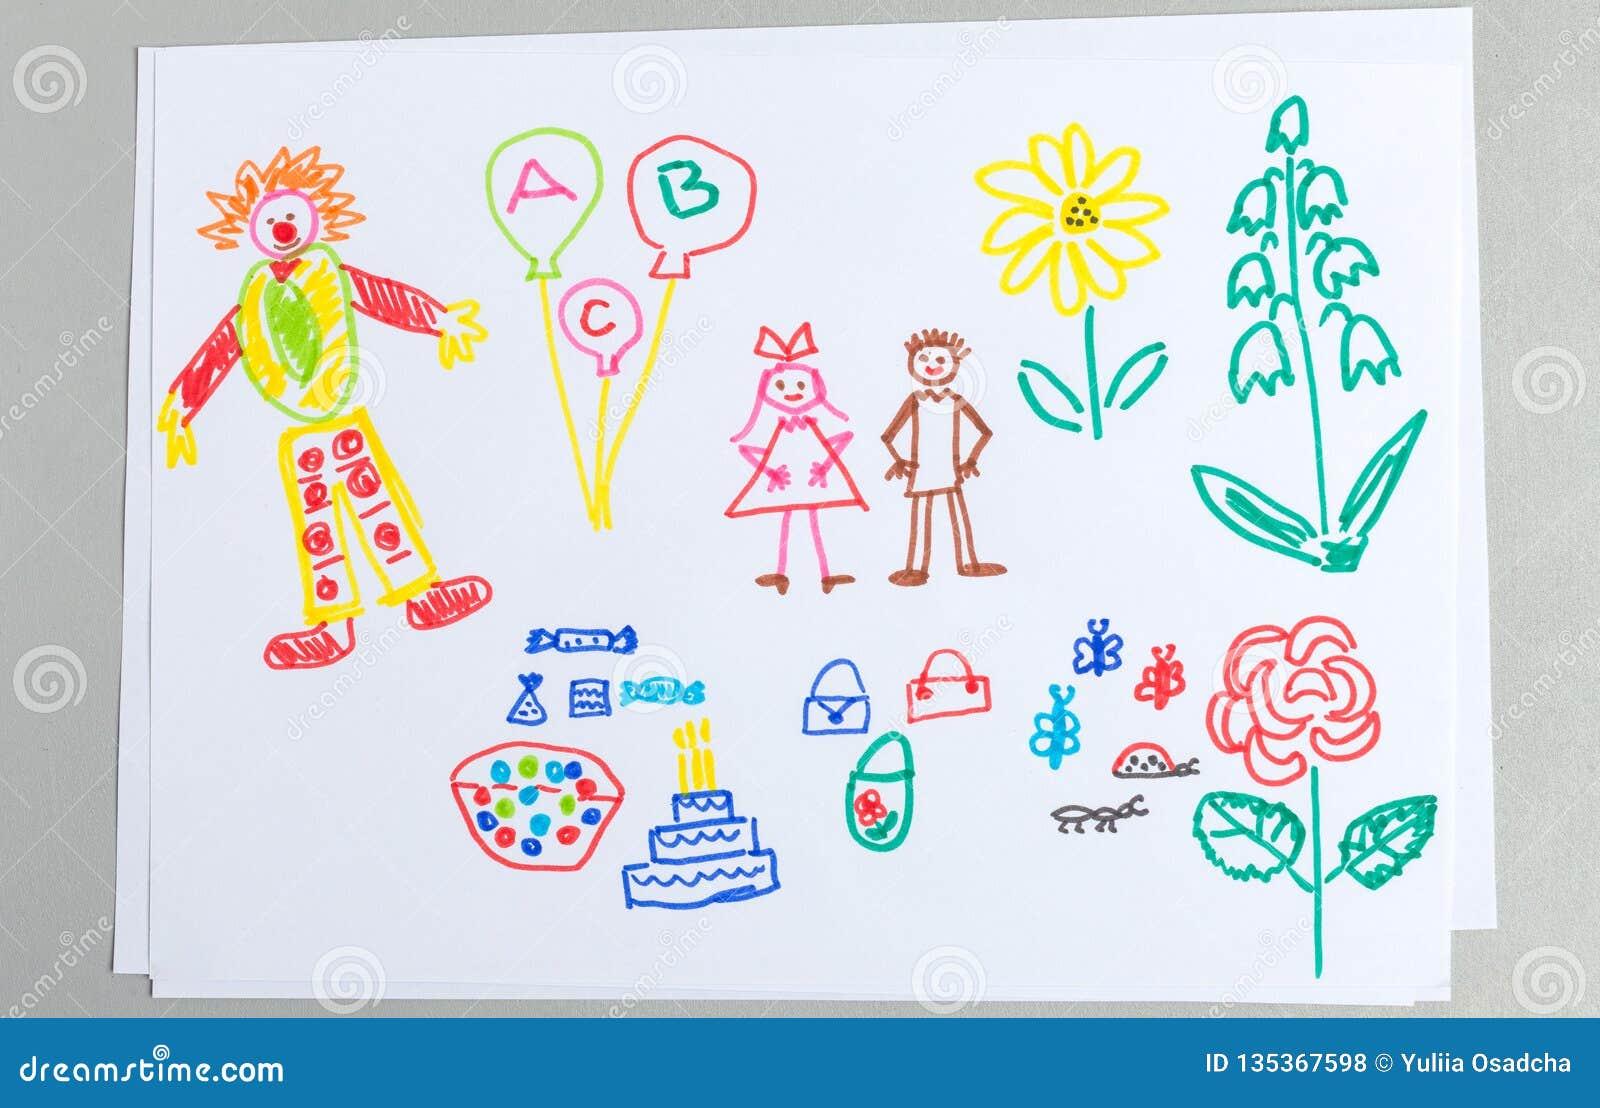 Os desenhos da criança ajustaram-se dos elementos da festa de anos isolados no fundo branco